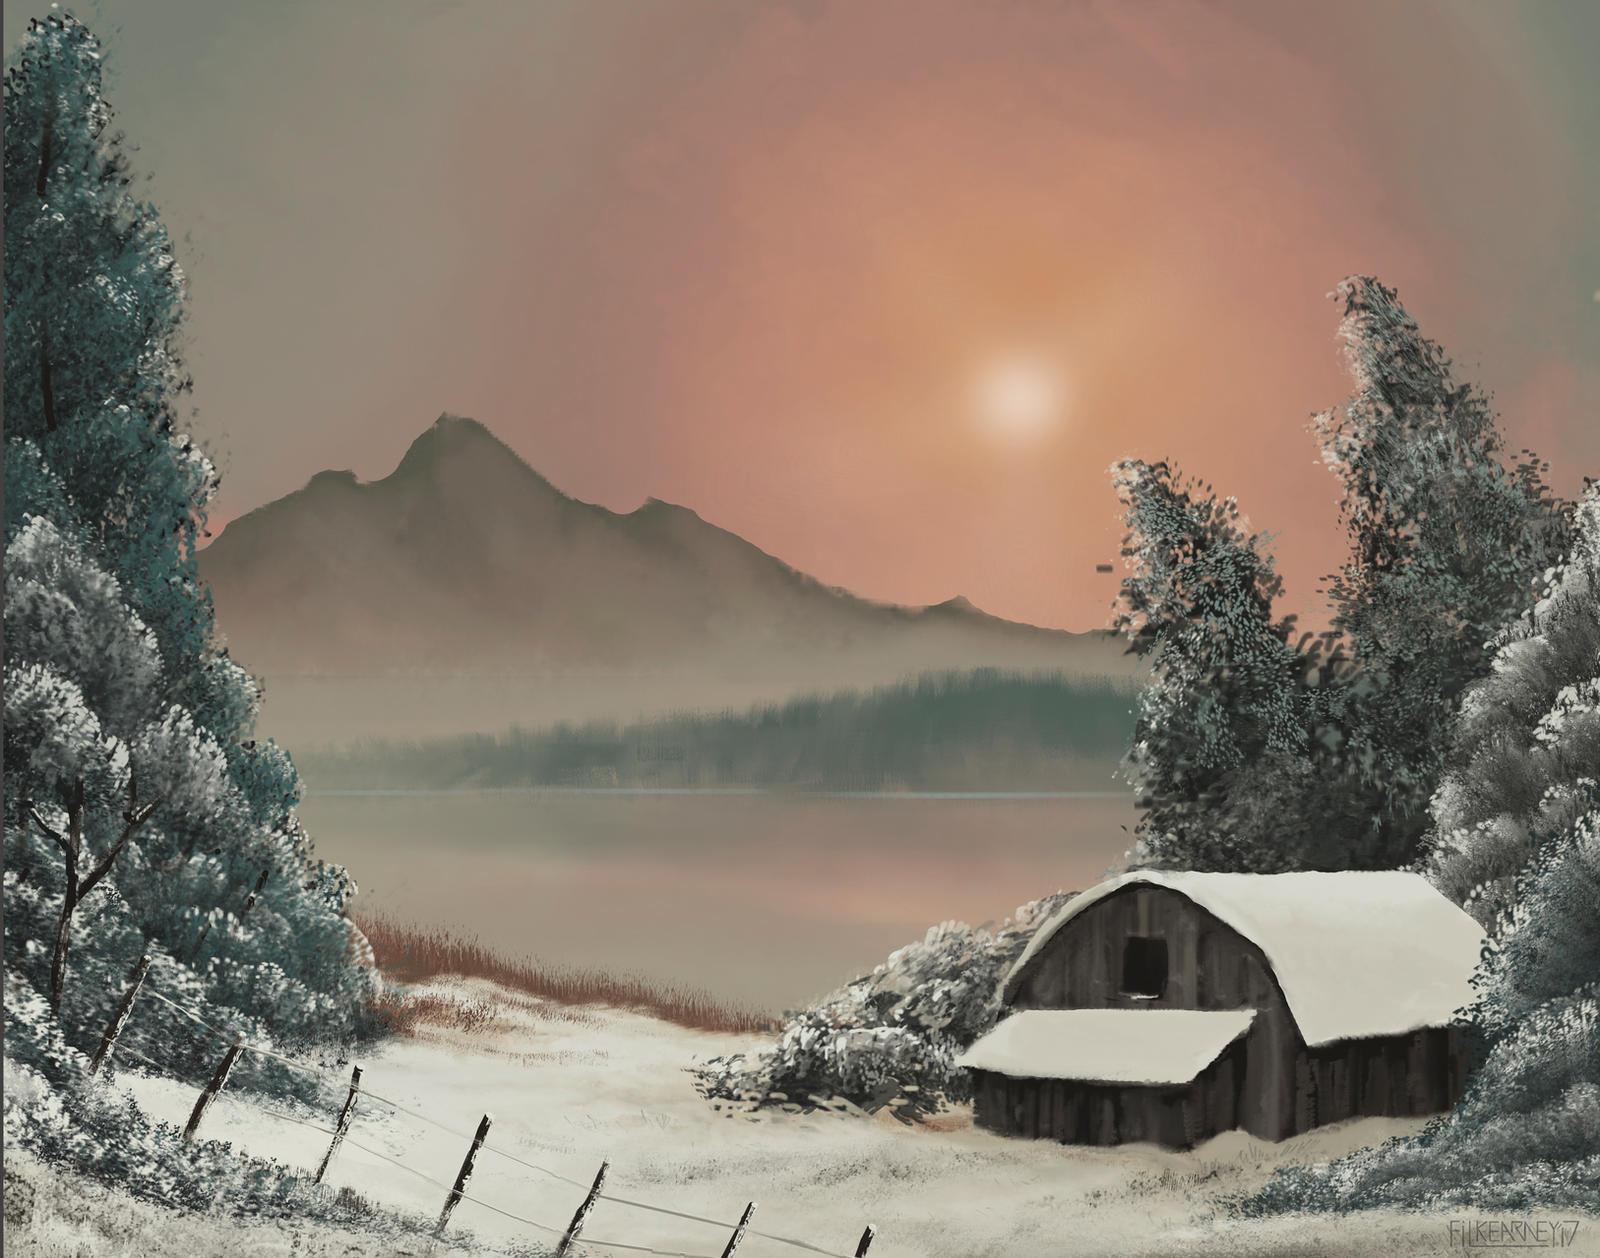 s01e11 Winter Glow by FilKearney